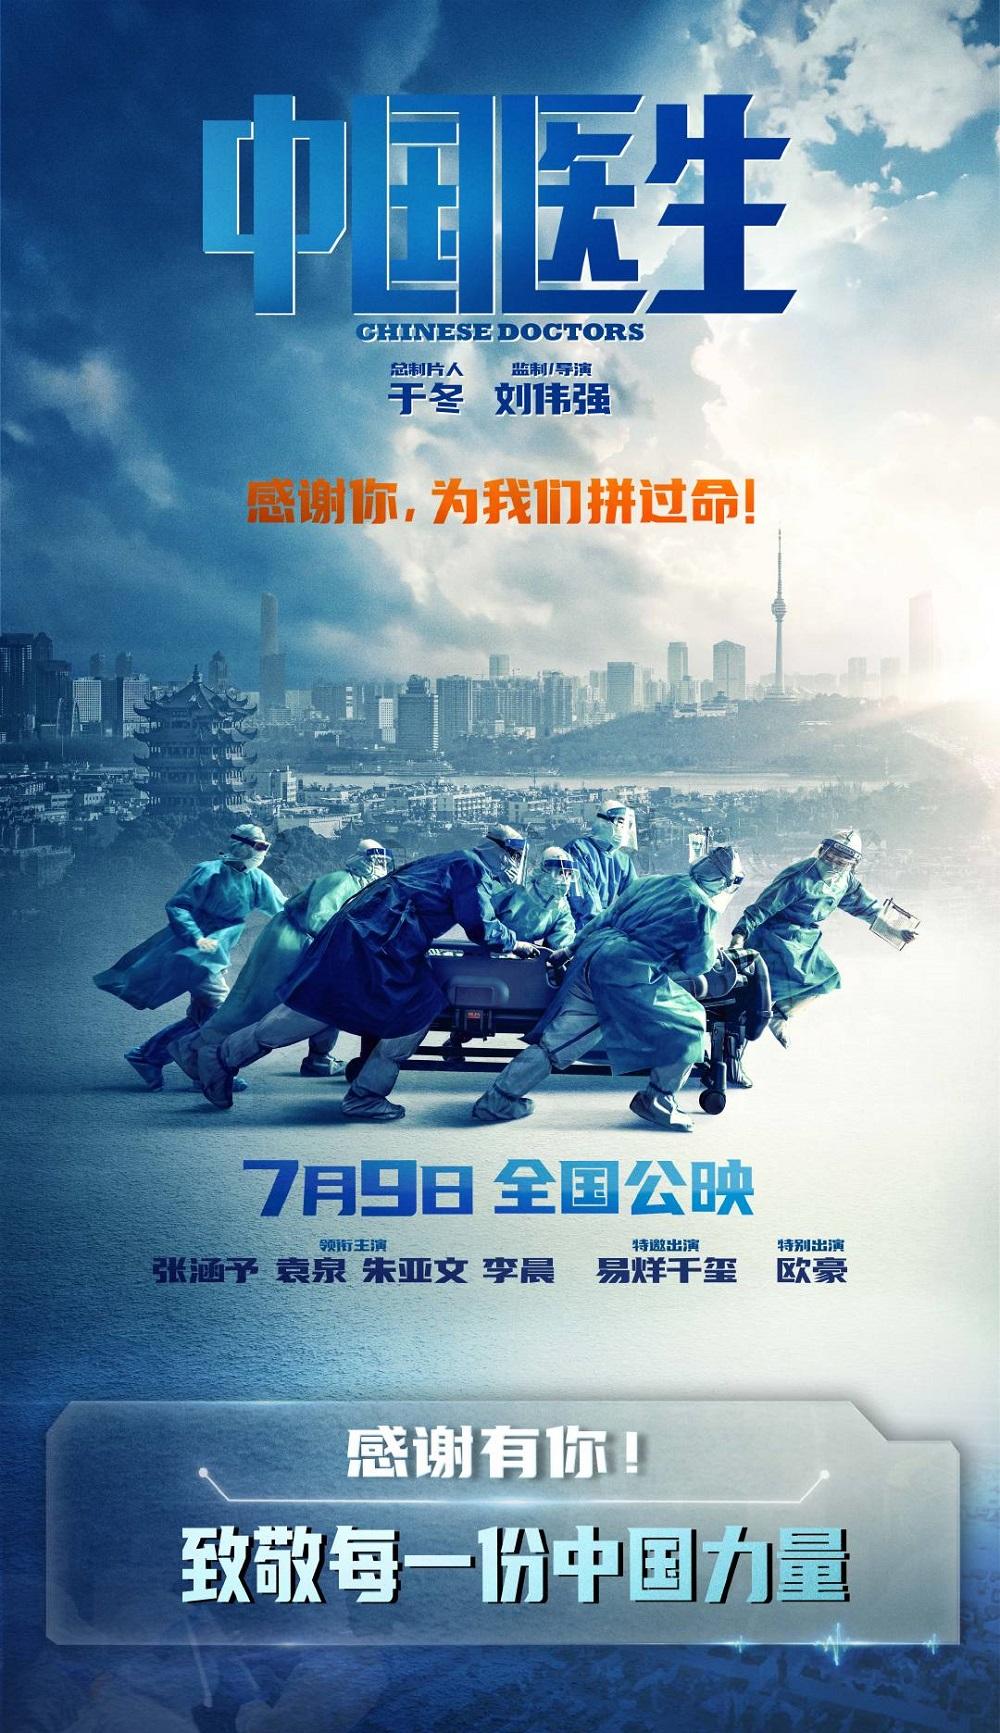 《中国医生》4站首映上海圆满收官 朱亚文邀援鄂医生原型观影